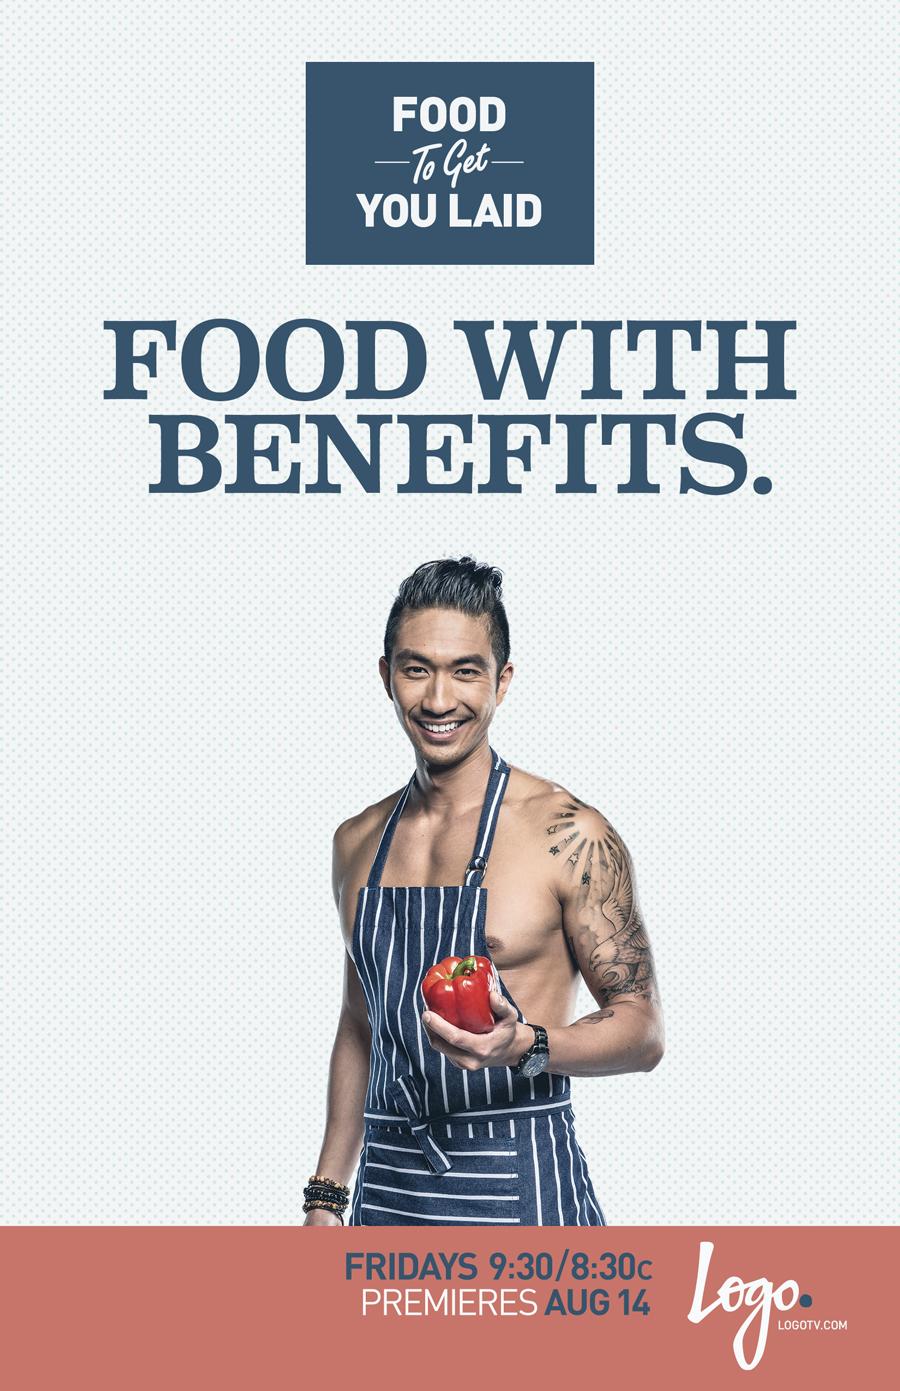 Food_To_Get_You_Laid-keyart-0706-01